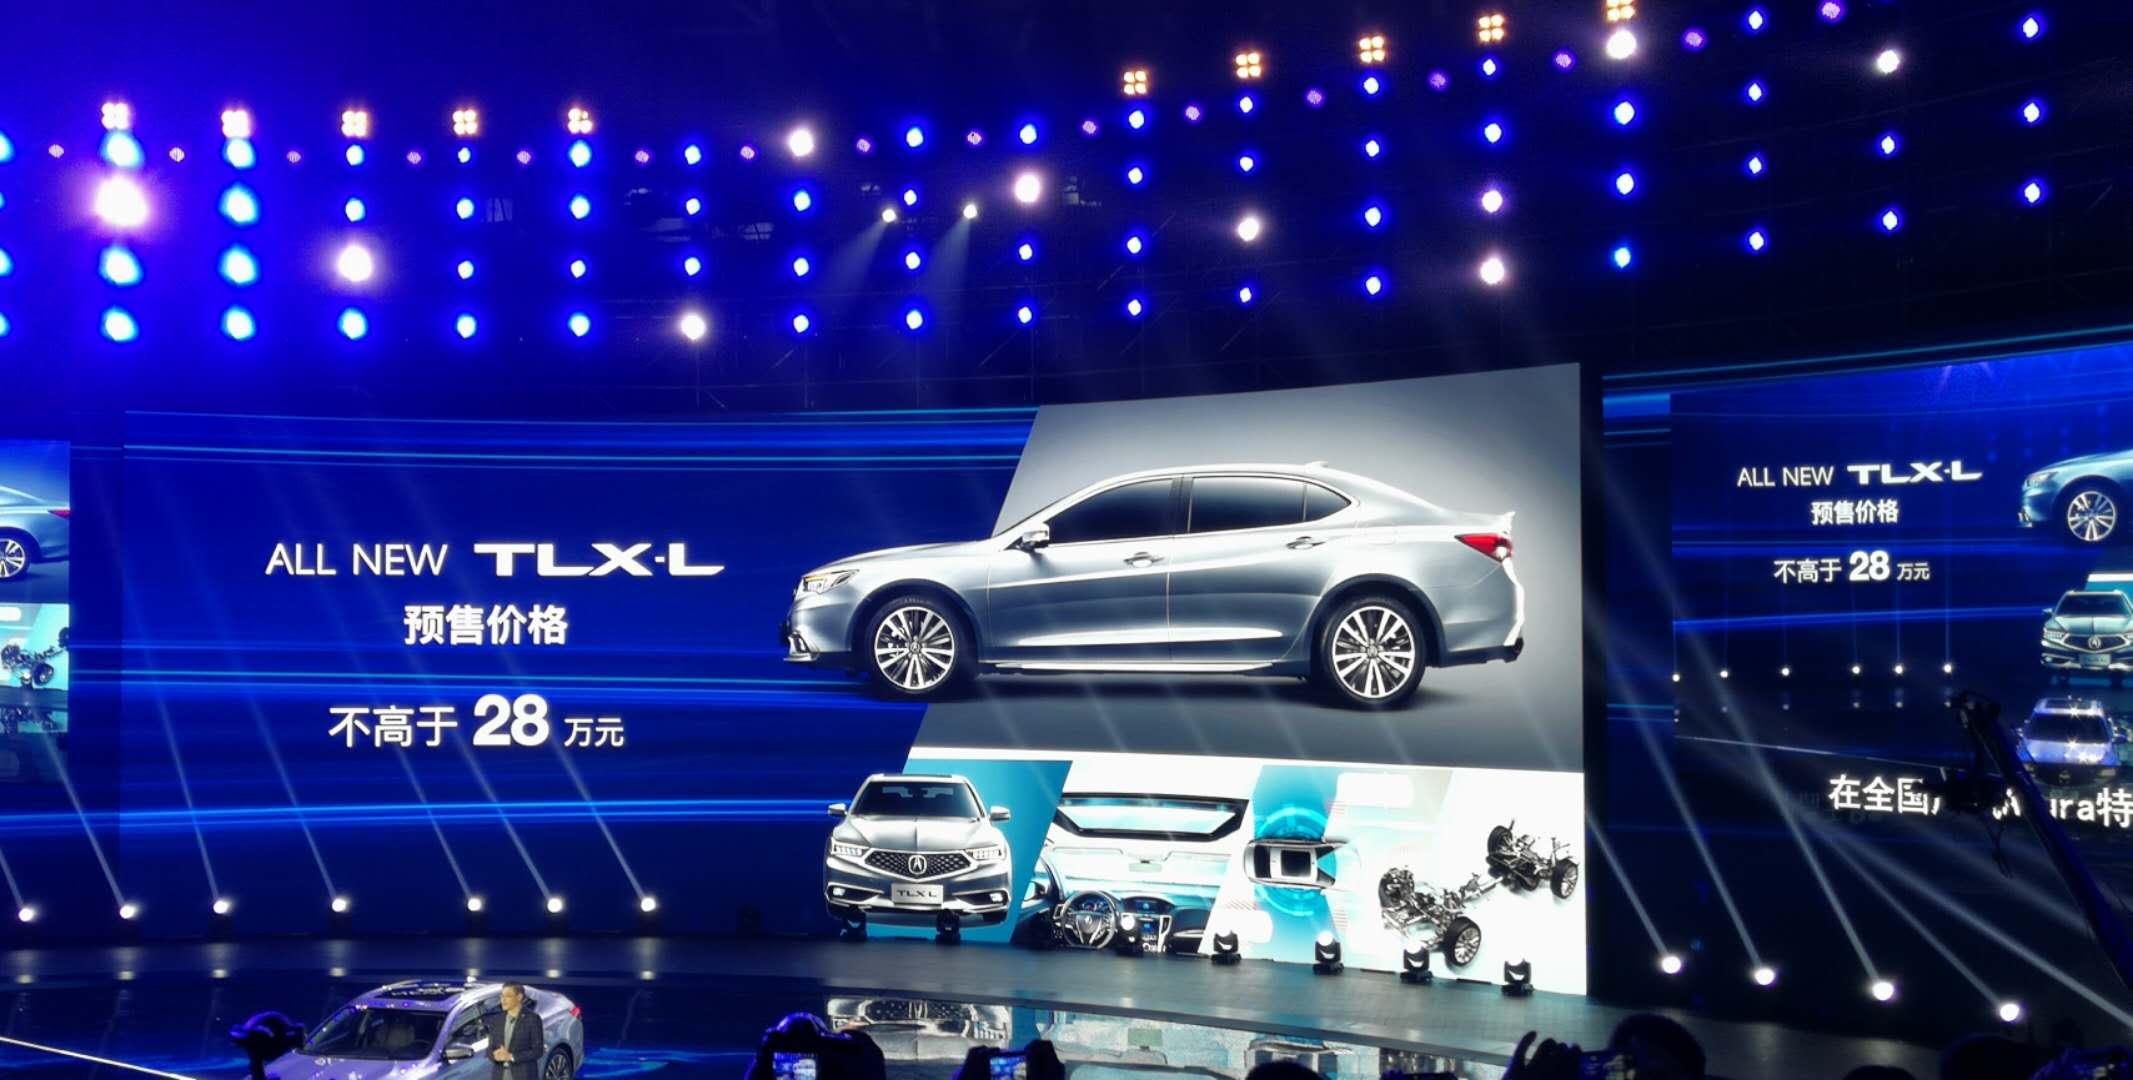 广汽ACURA TLX-L发布预售价格 不高于28万元